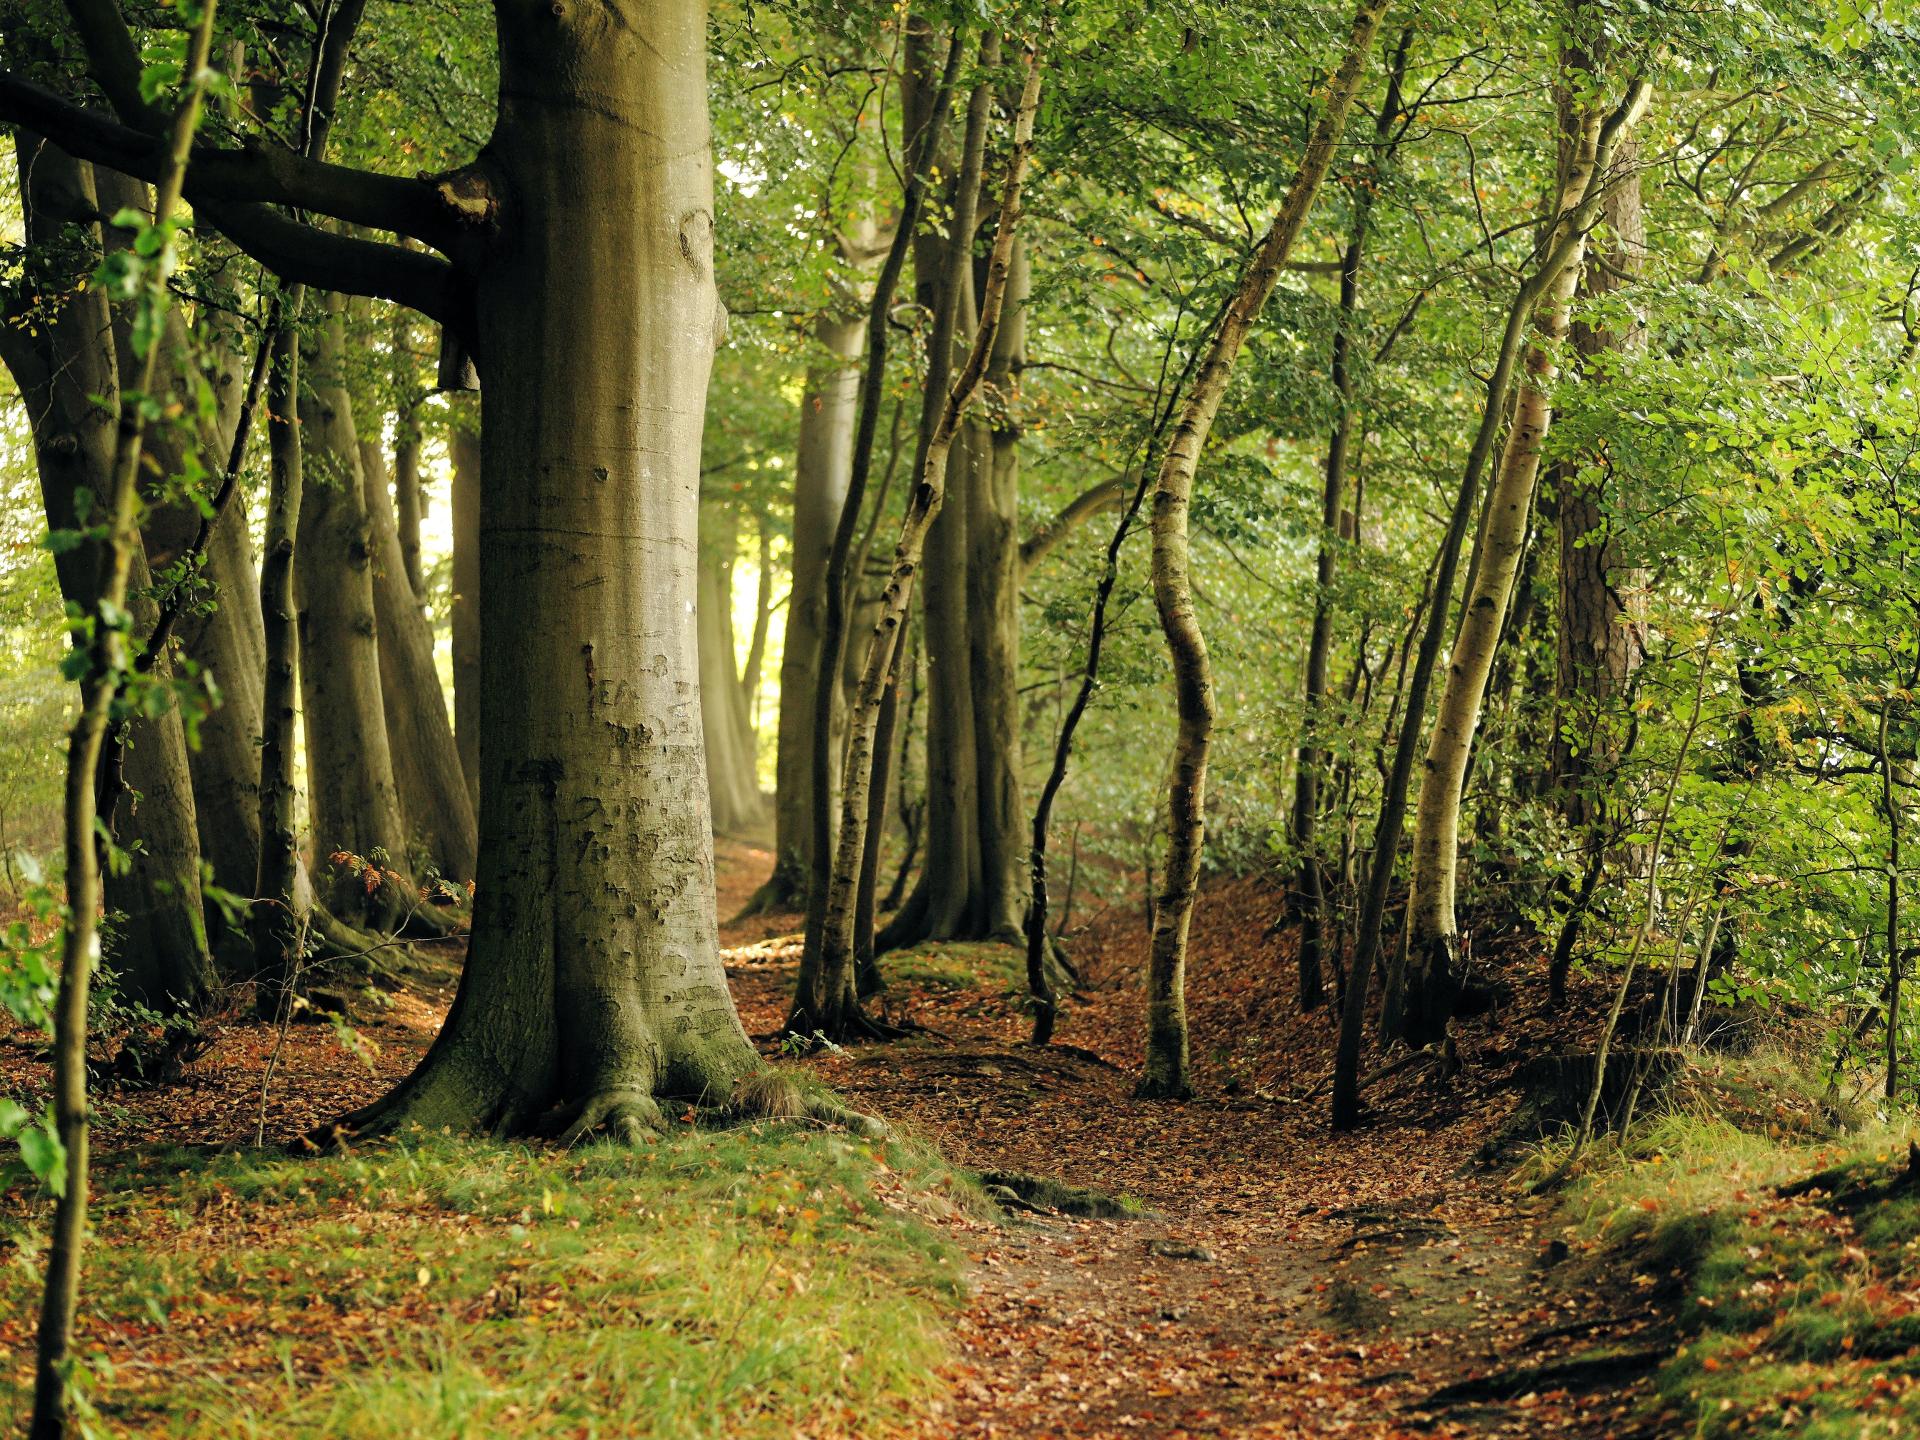 Buchenwälder finden wir fast überall in Mitteleuropa. - Photocredit: pixabay.com/Kapa65